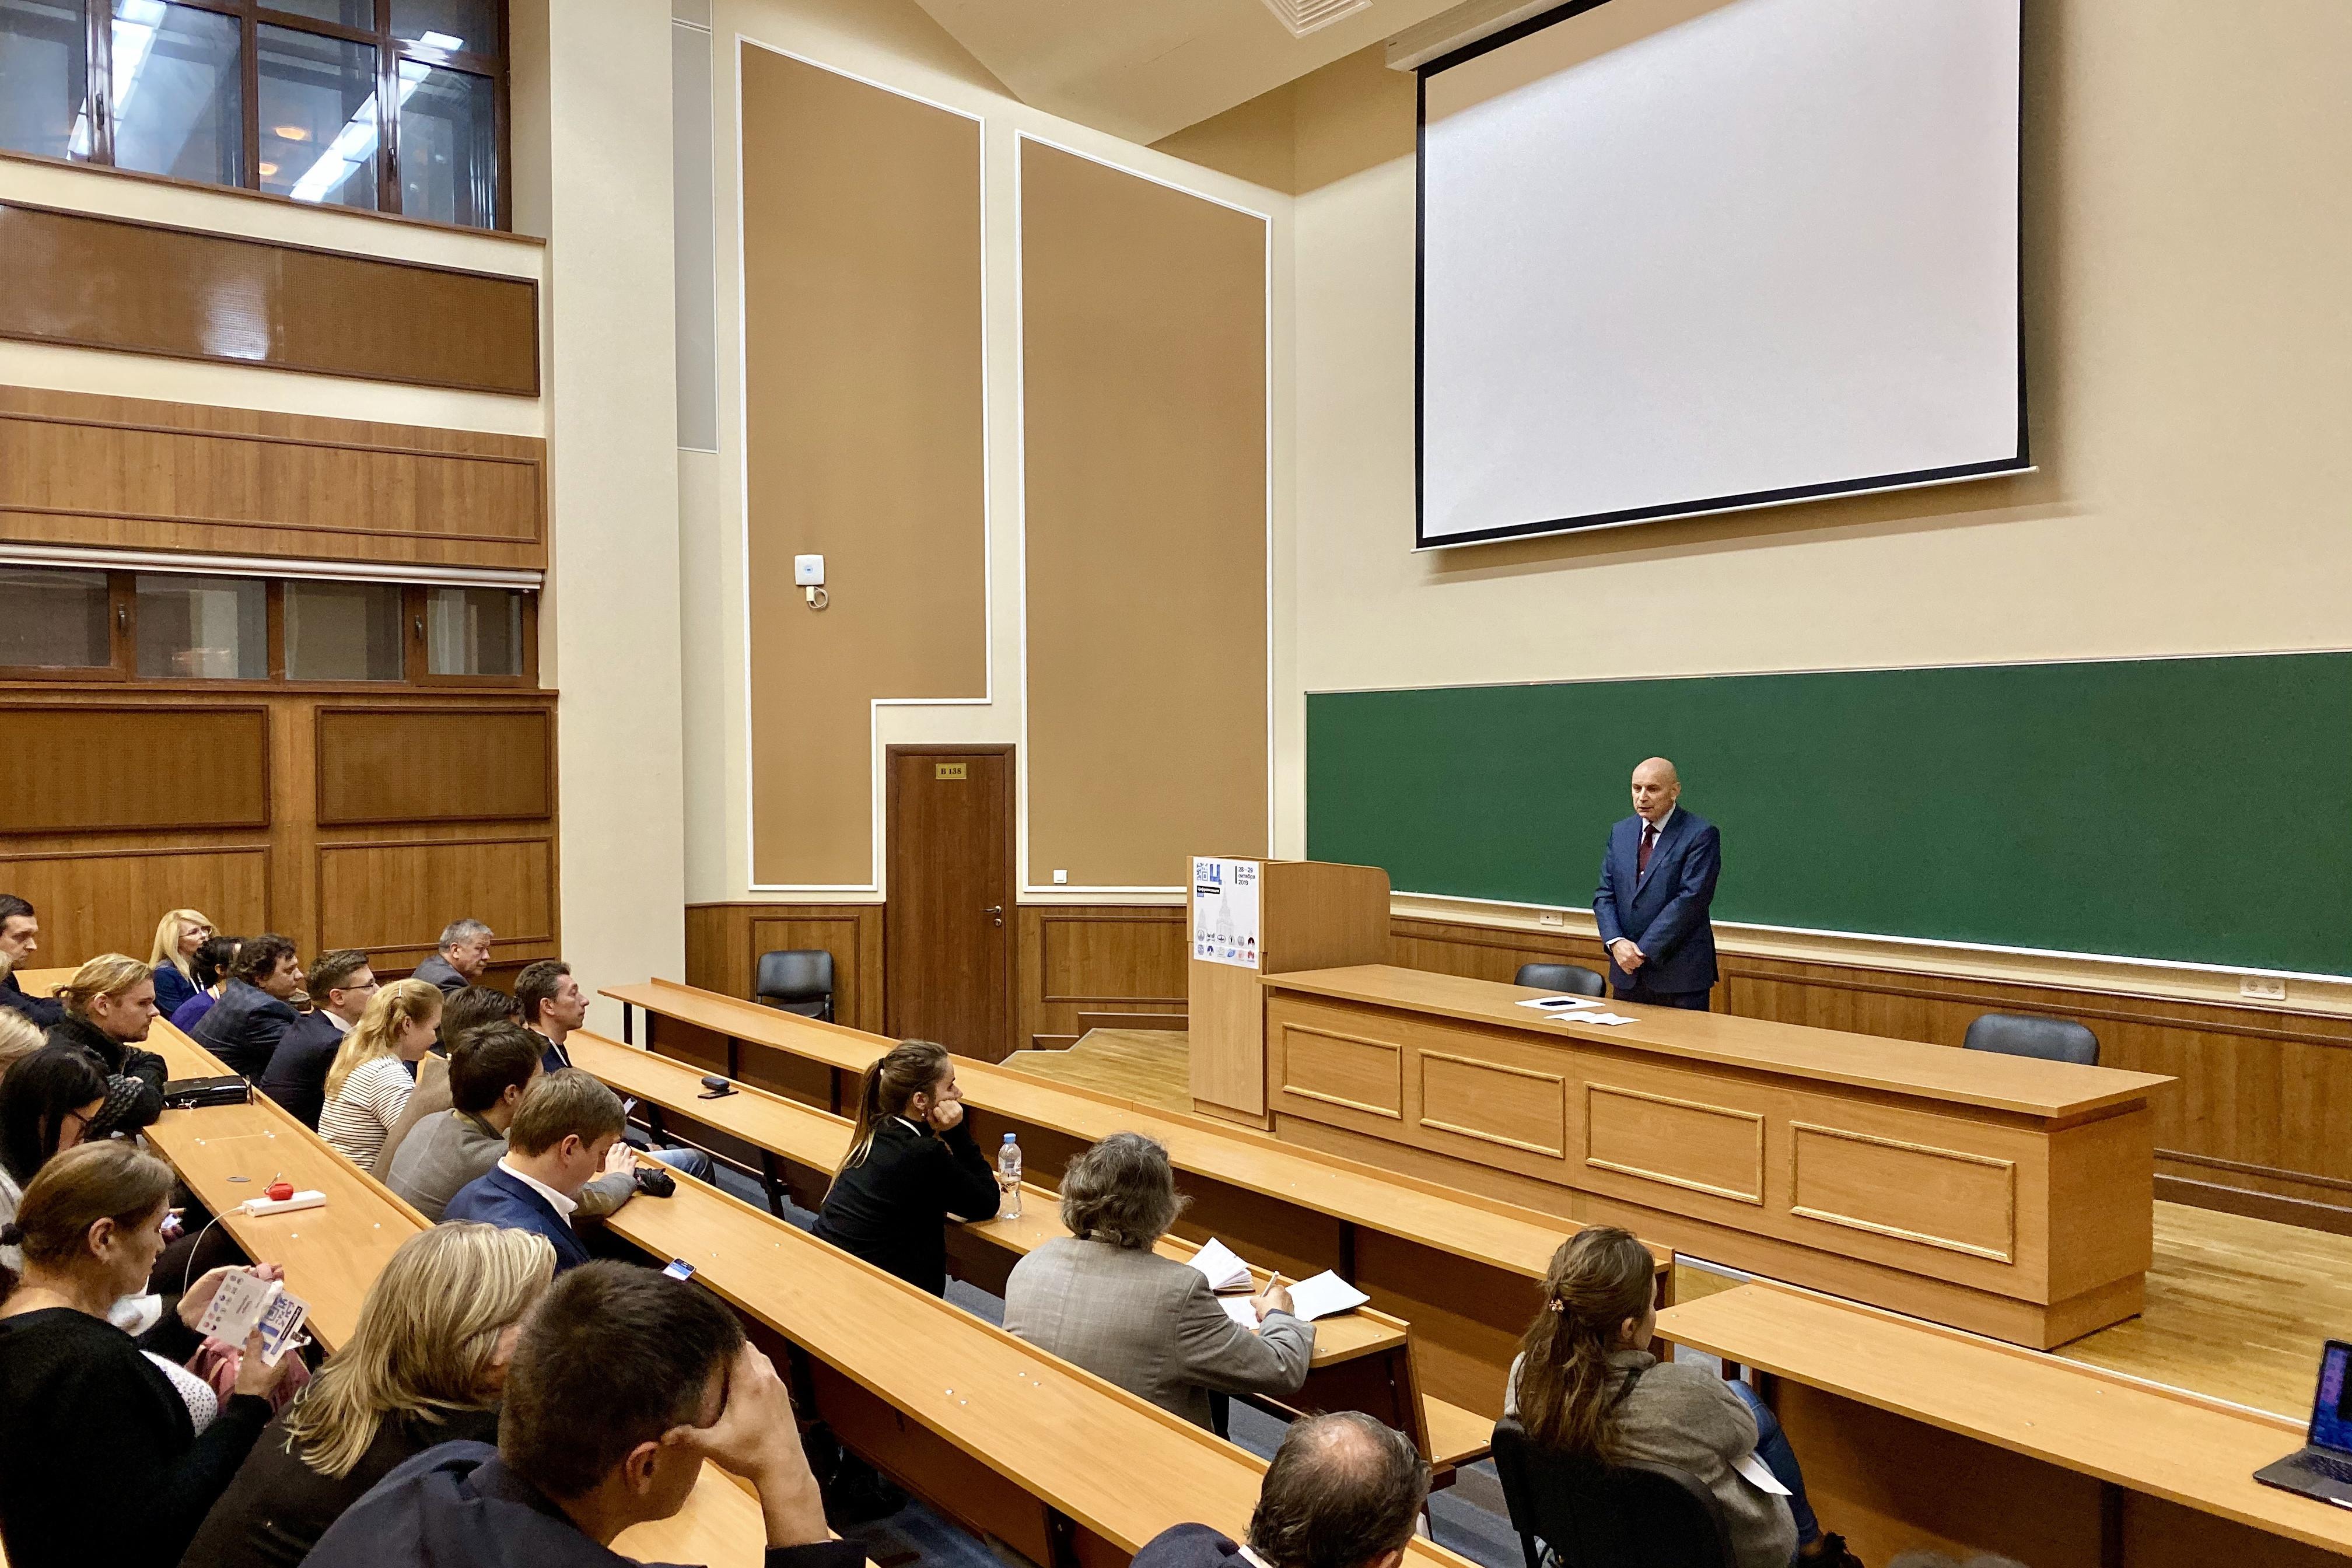 Игорь Соколов, форум «Цифровизация ‒ 2019», МГУ